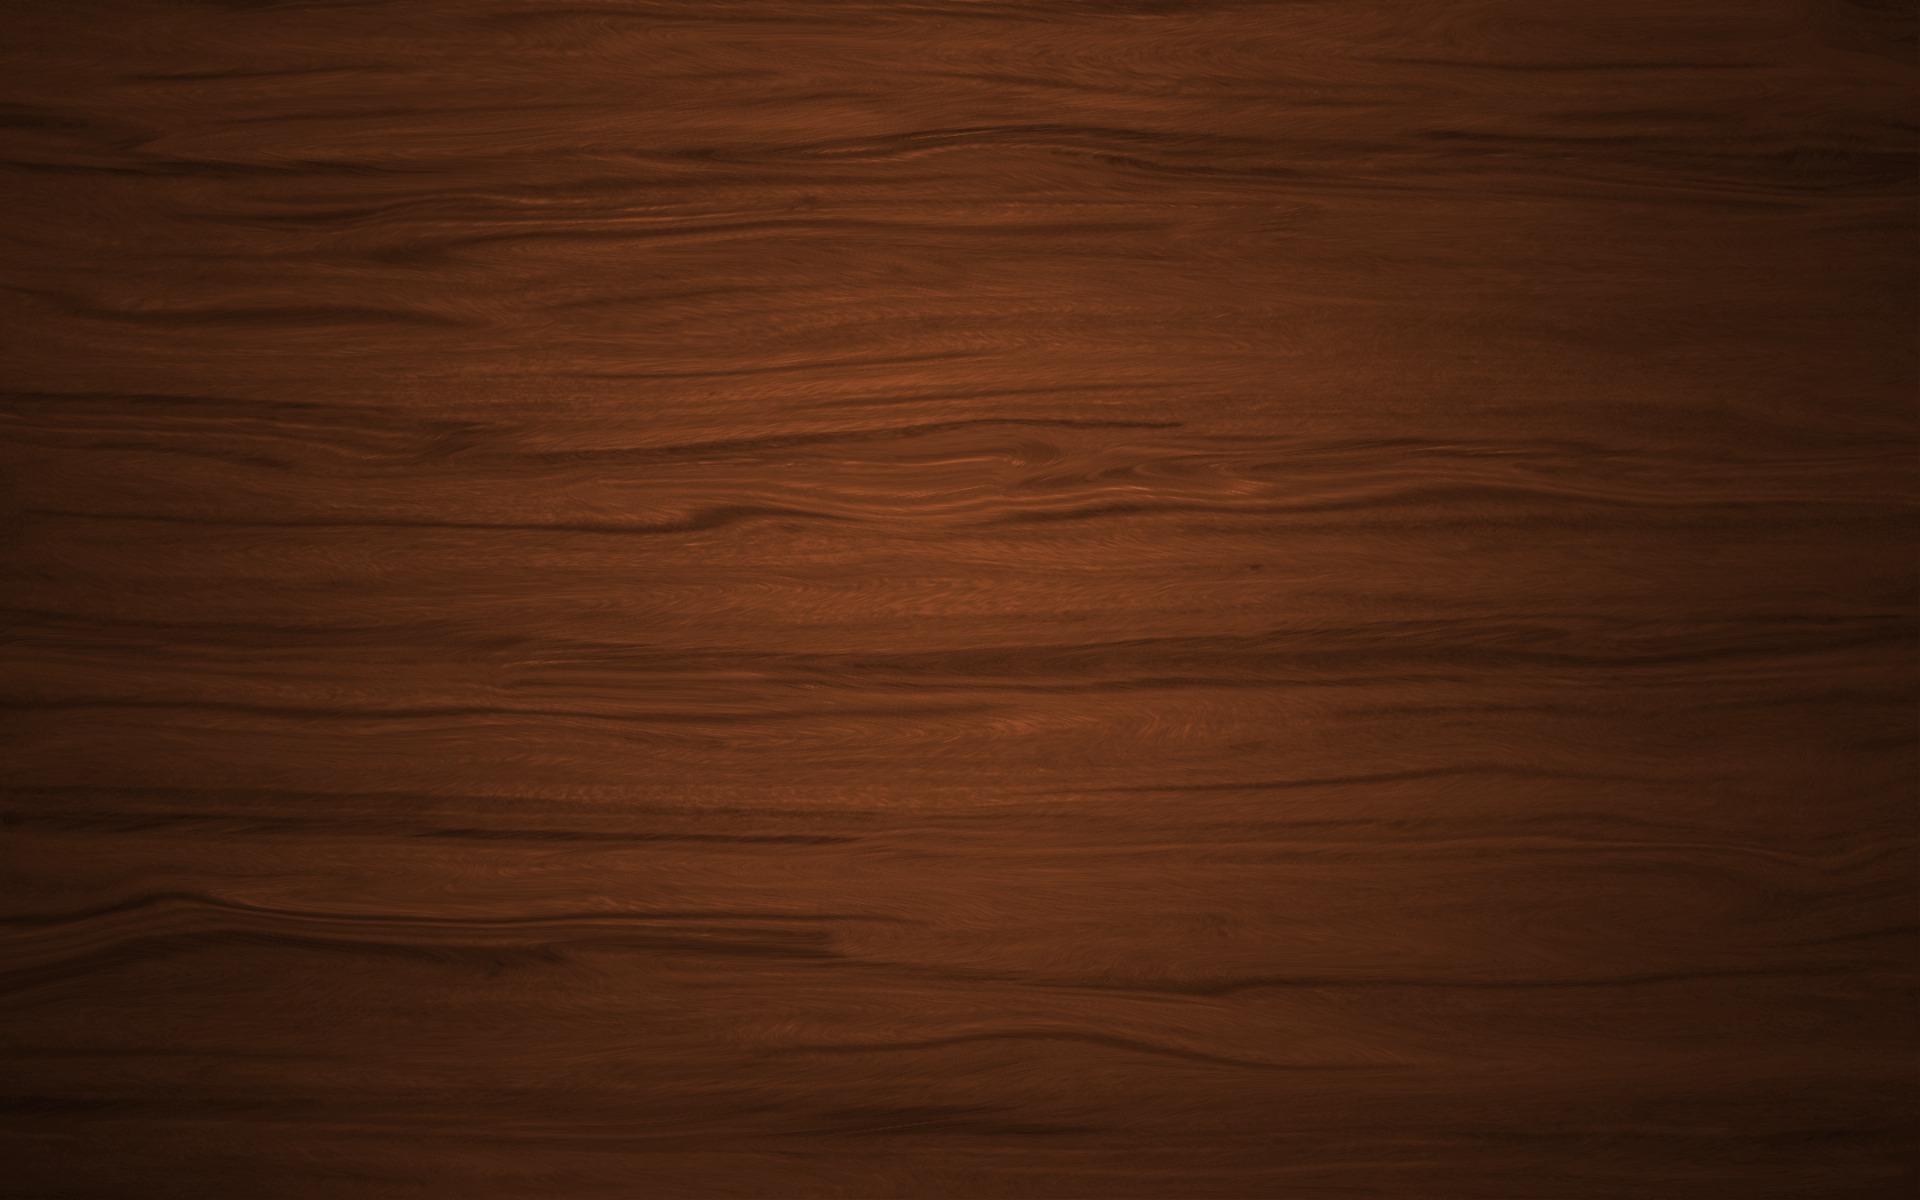 Wood textures wood texture free wallpaper wallpaperjam altavistaventures Gallery